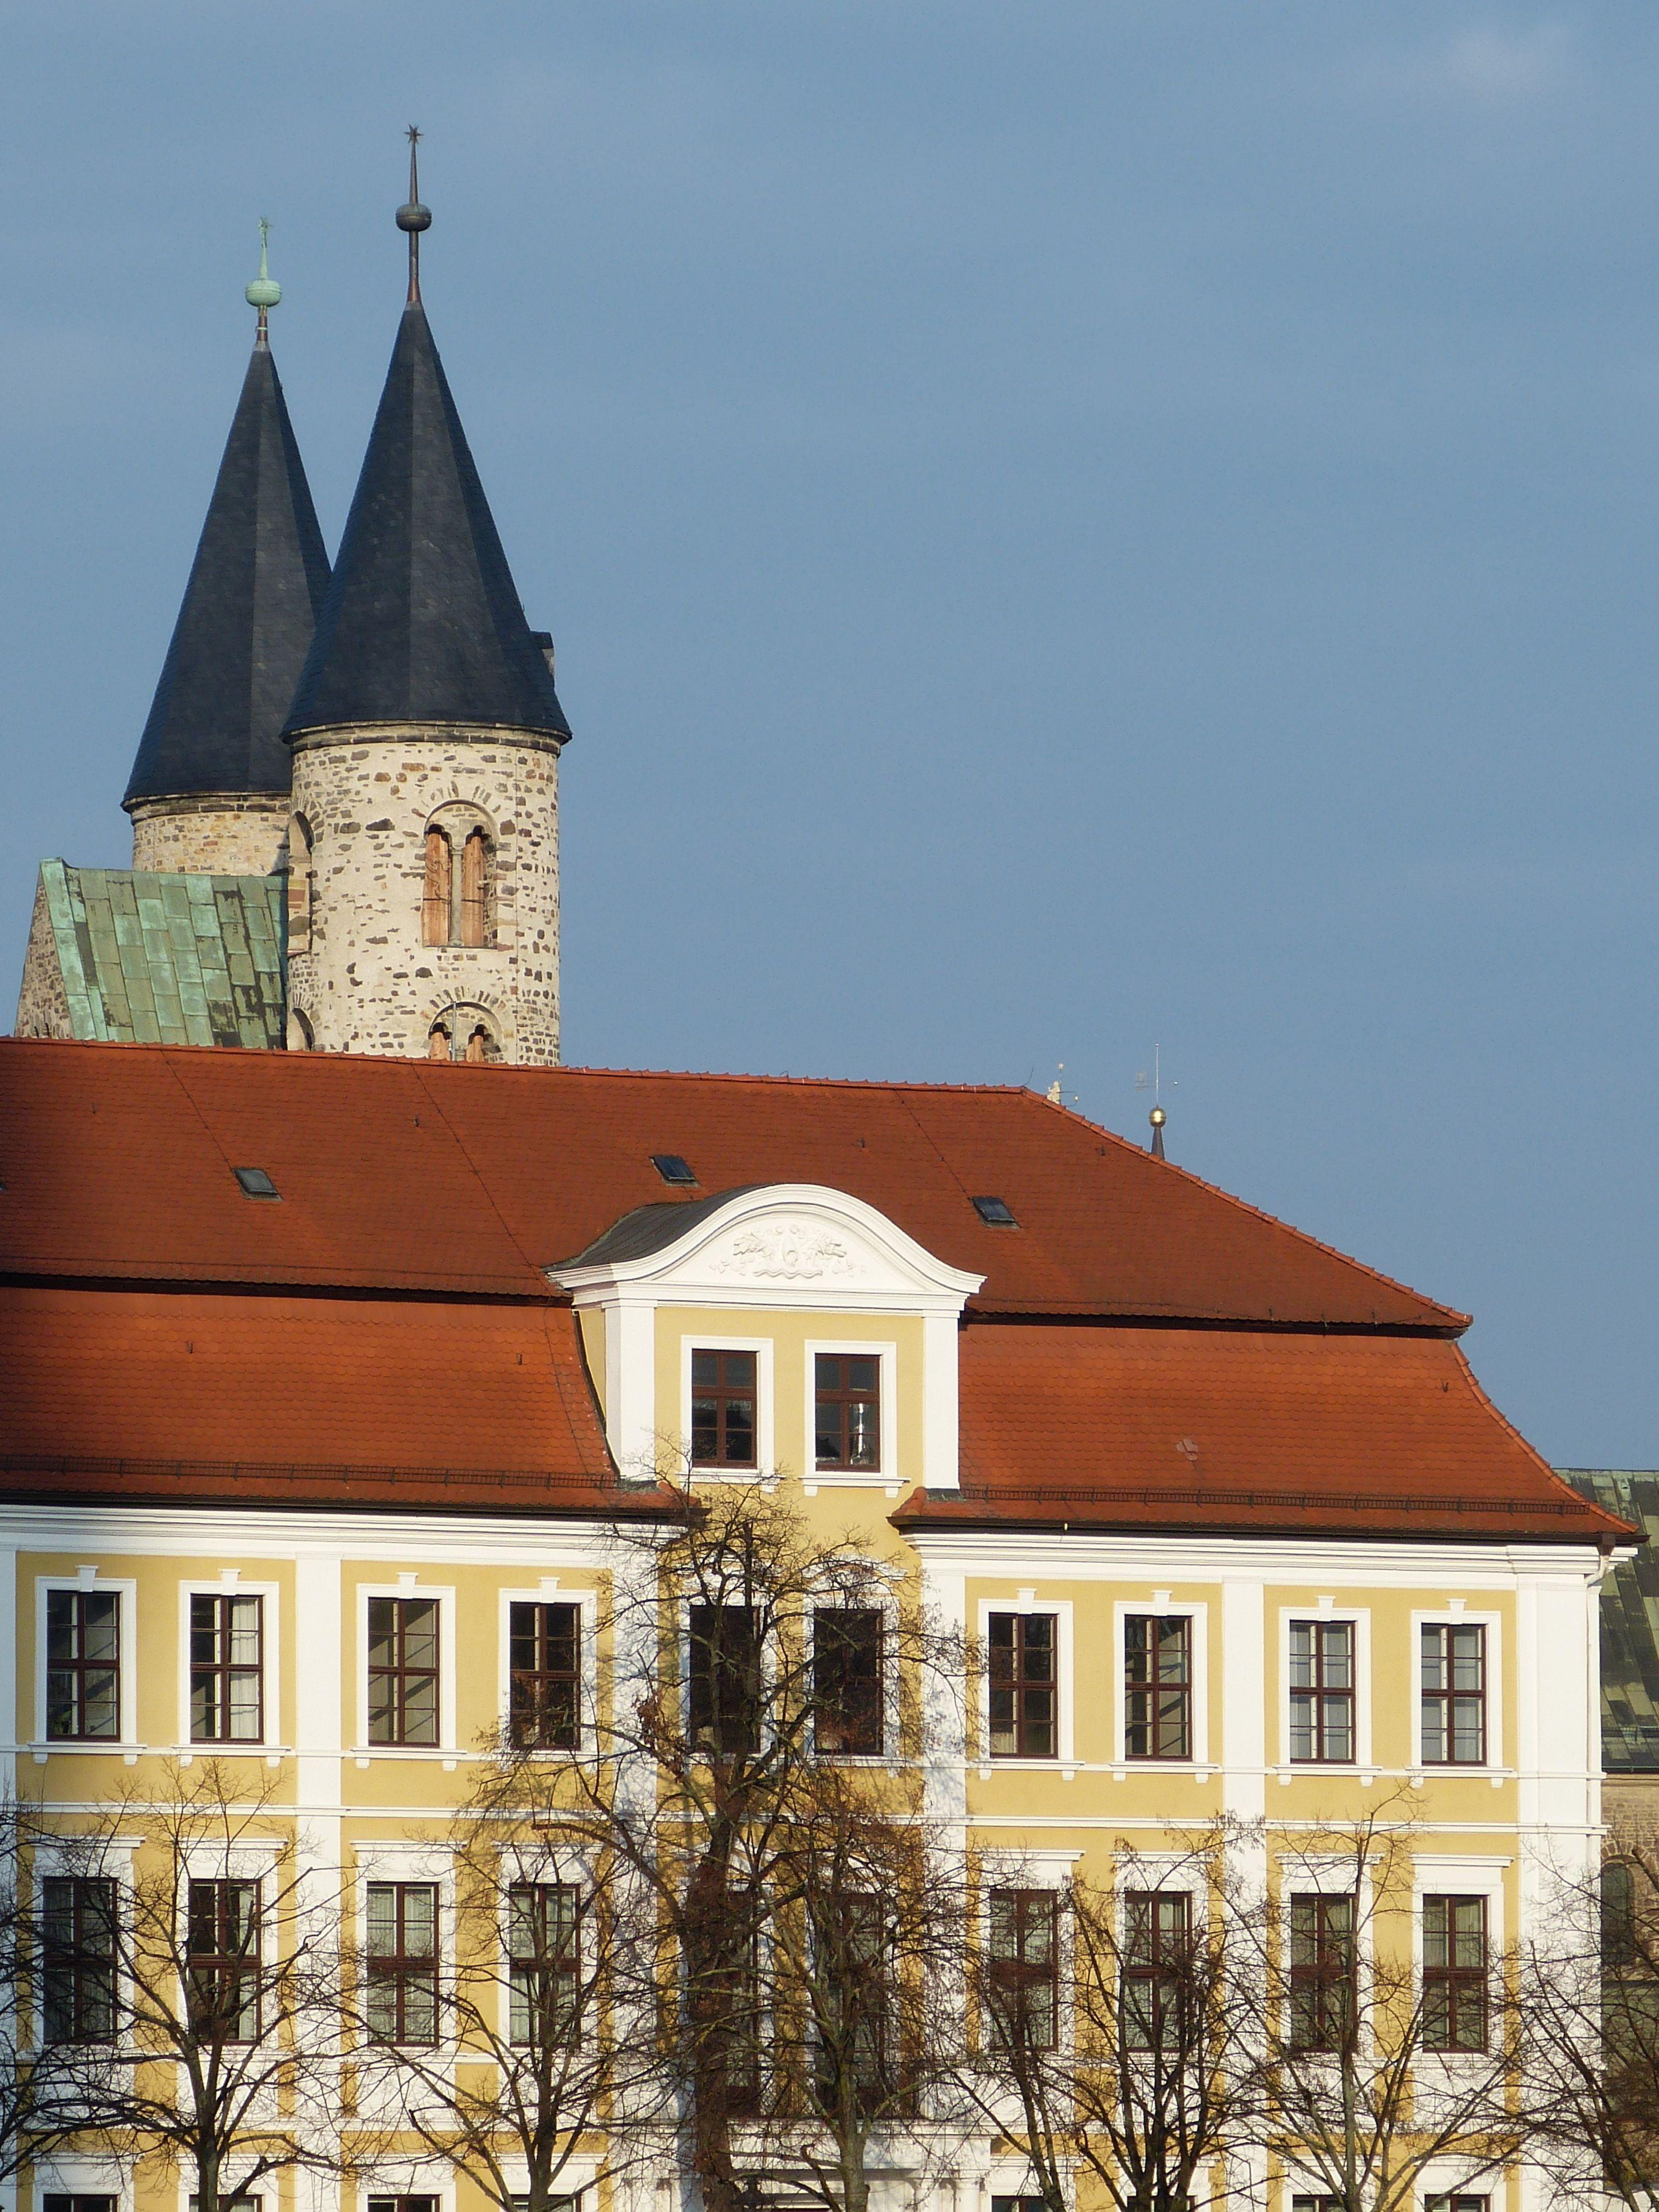 Architektur Magdeburg kostenlose foto die architektur haus gebäude chateau turm